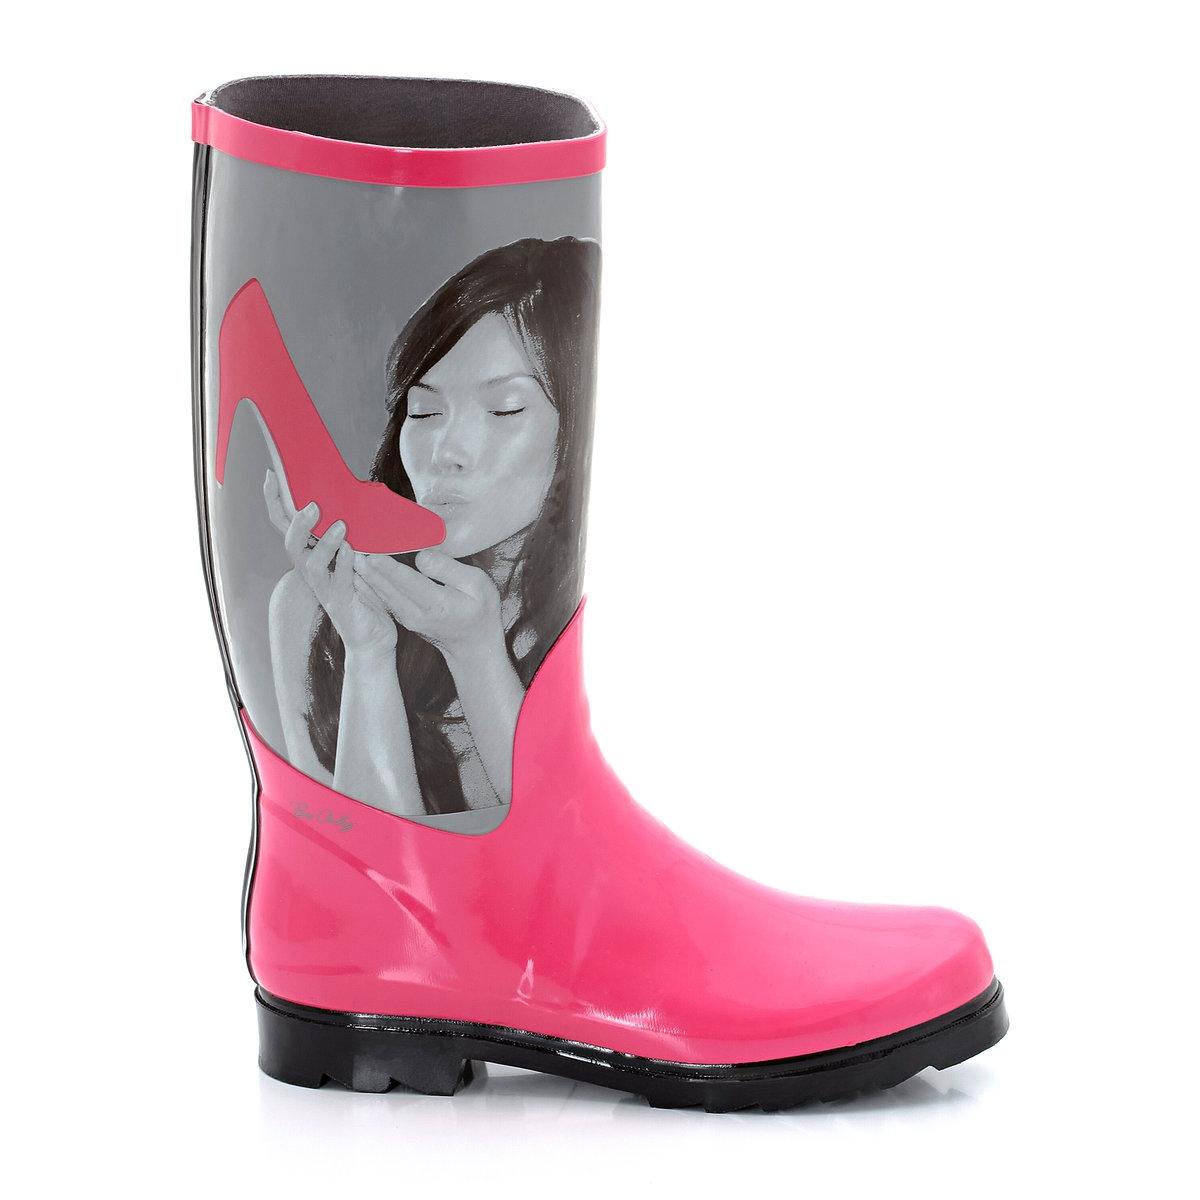 Сапоги резиновые с рисункомЛучший способ оставаться гламурной и модной в дождливую, ветреную или снежную погоду - это выходить на улицу в великолепных сапогах от Be Only!<br><br>Цвет: серый/ розовый<br>Размер: 36